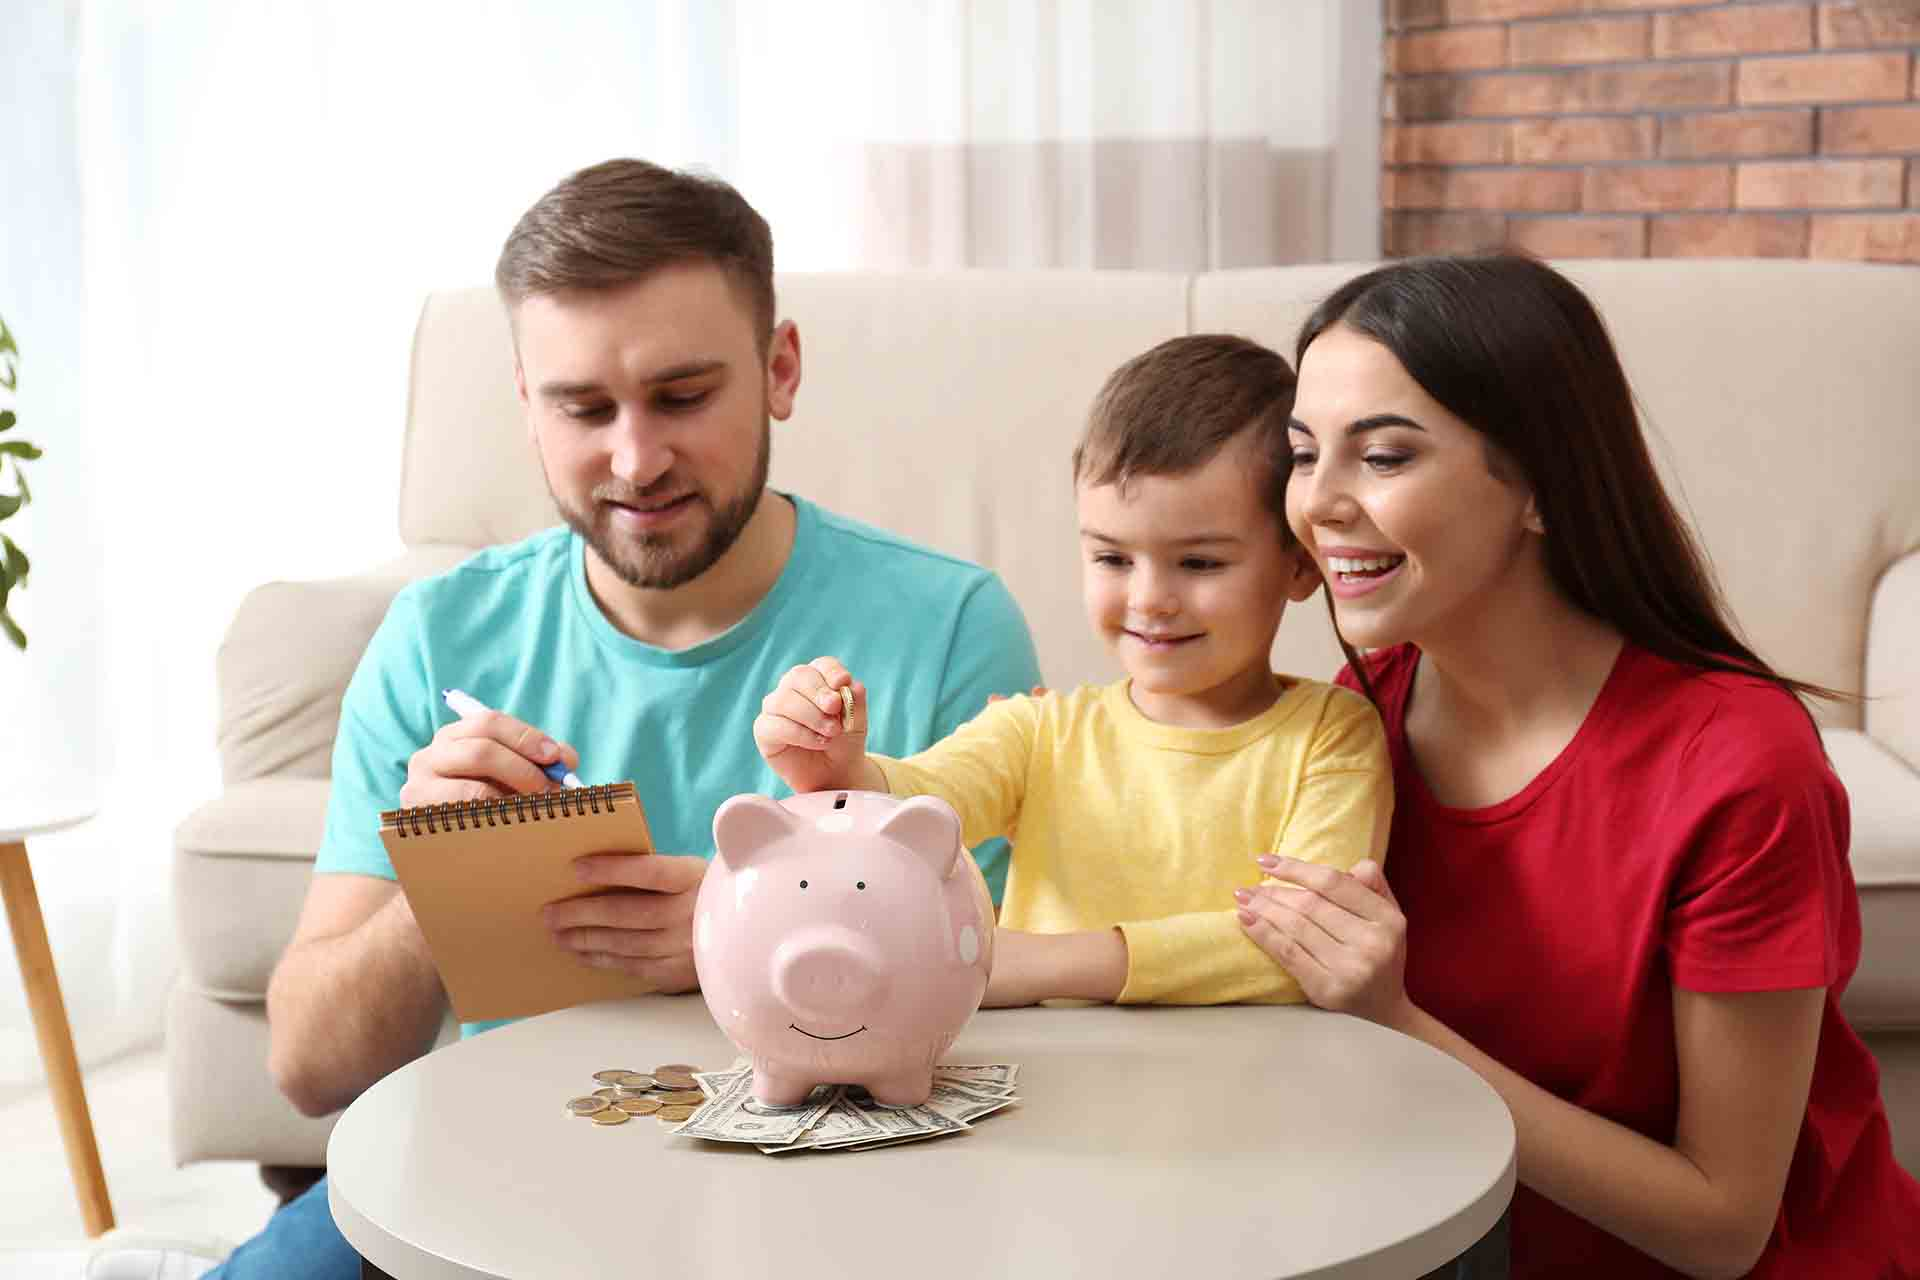 El milagro del ahorro: aplica la regla 80/20 en tu vida